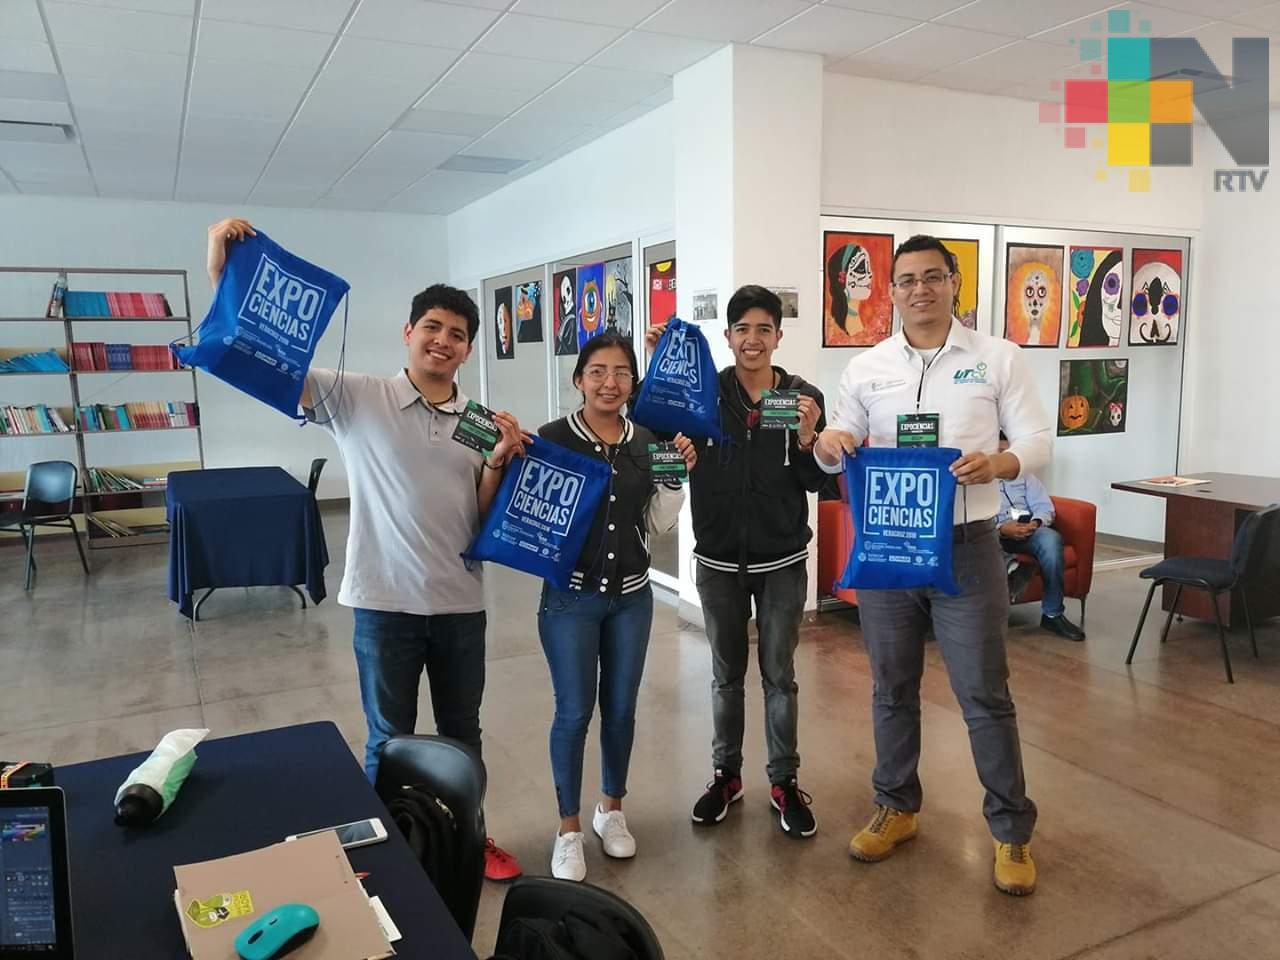 Estudiantes de UTCV ganan pase a certamen internacional en Abu Dabi, Emiratos Árabes Unidos